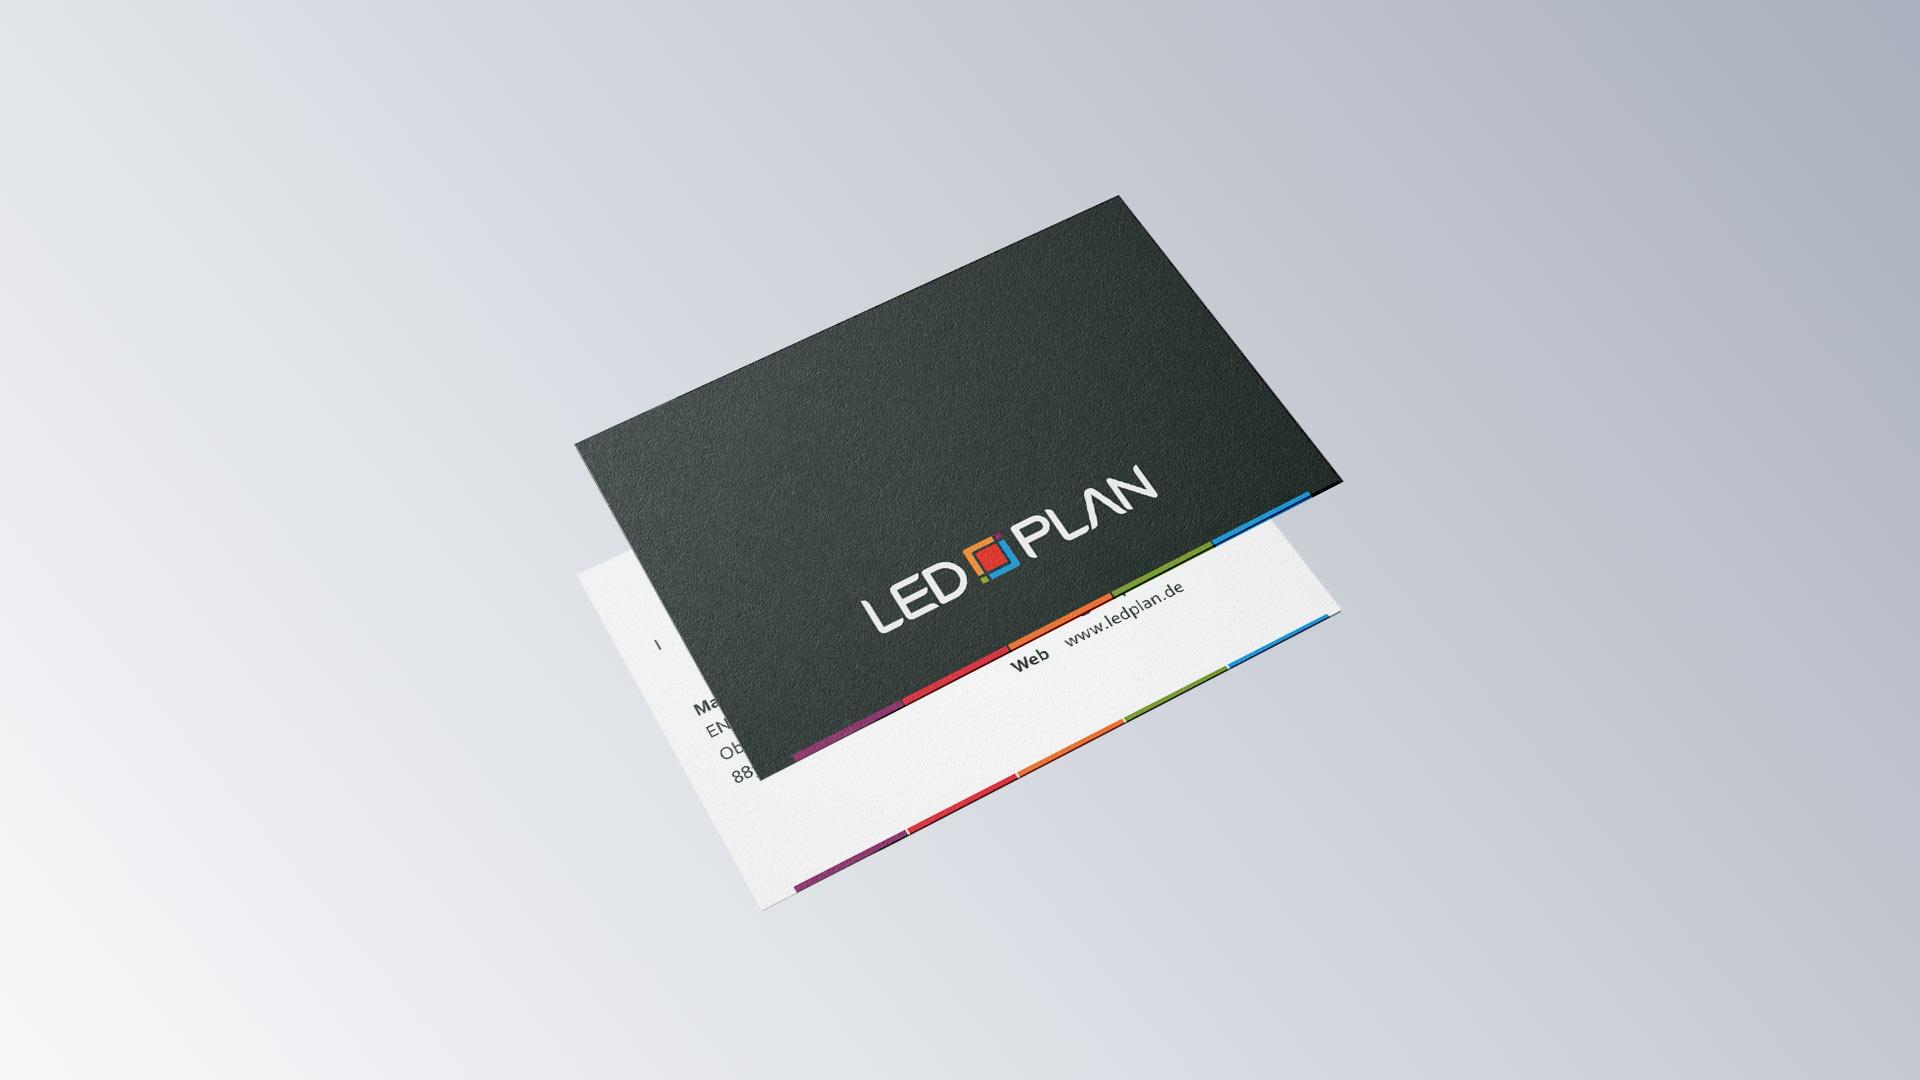 LED-Plan Leuchtmittel Visitenkarten